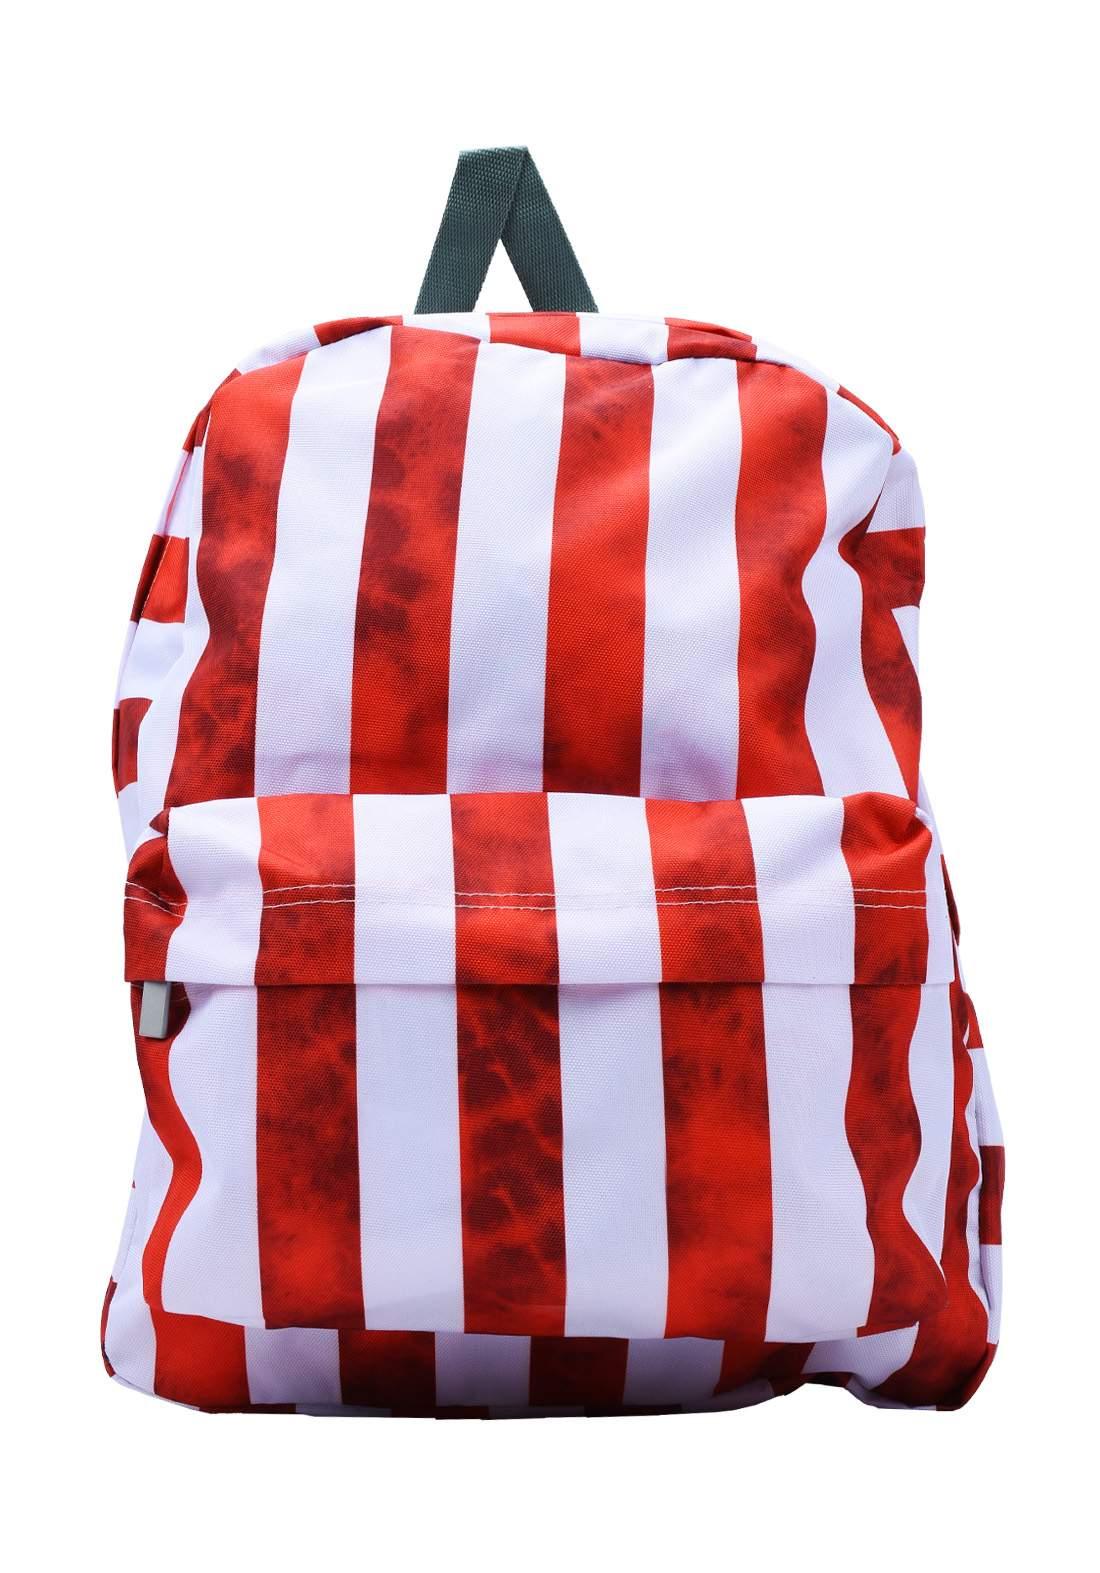 حقيبة ظهر مدرسية أبيض وأحمر أللون